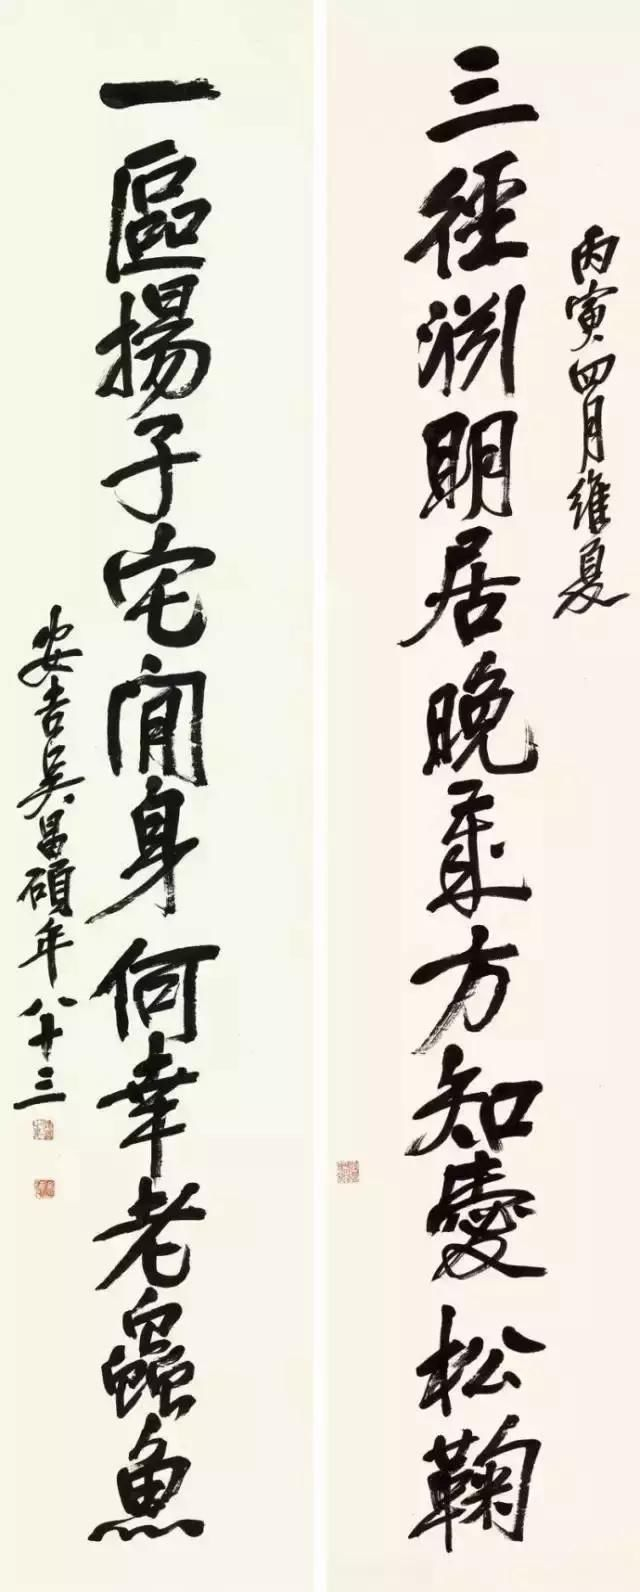 中国书法欣赏 - 黑杏 - 黑杏